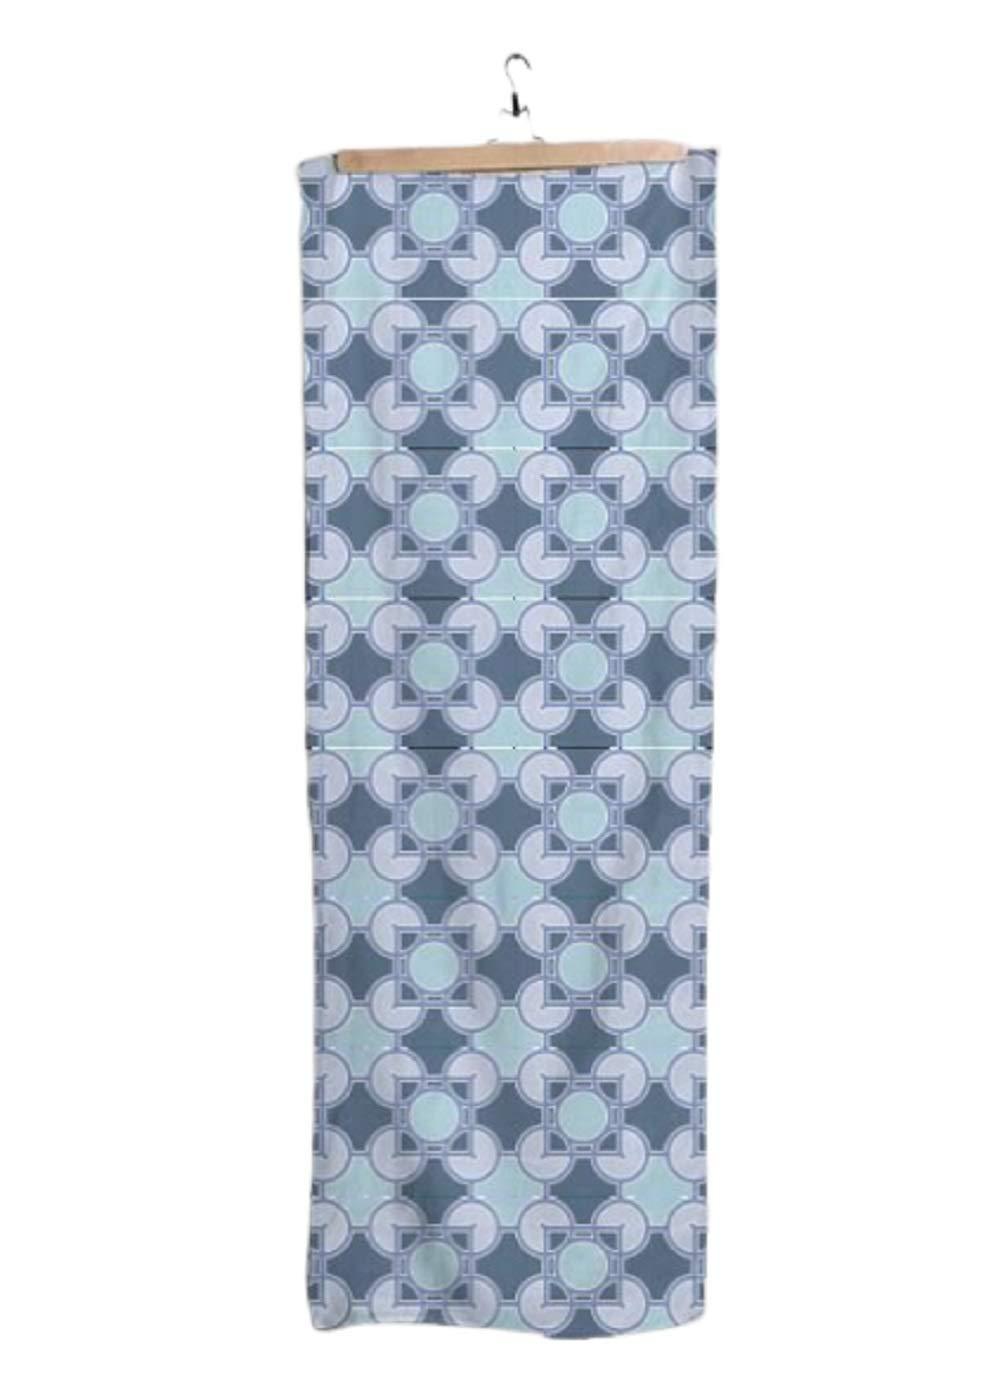 VIDA Luxfer Indigo Modal Scarf 28'' × 78'' | Original Artwork by Frank Lloyd Wright